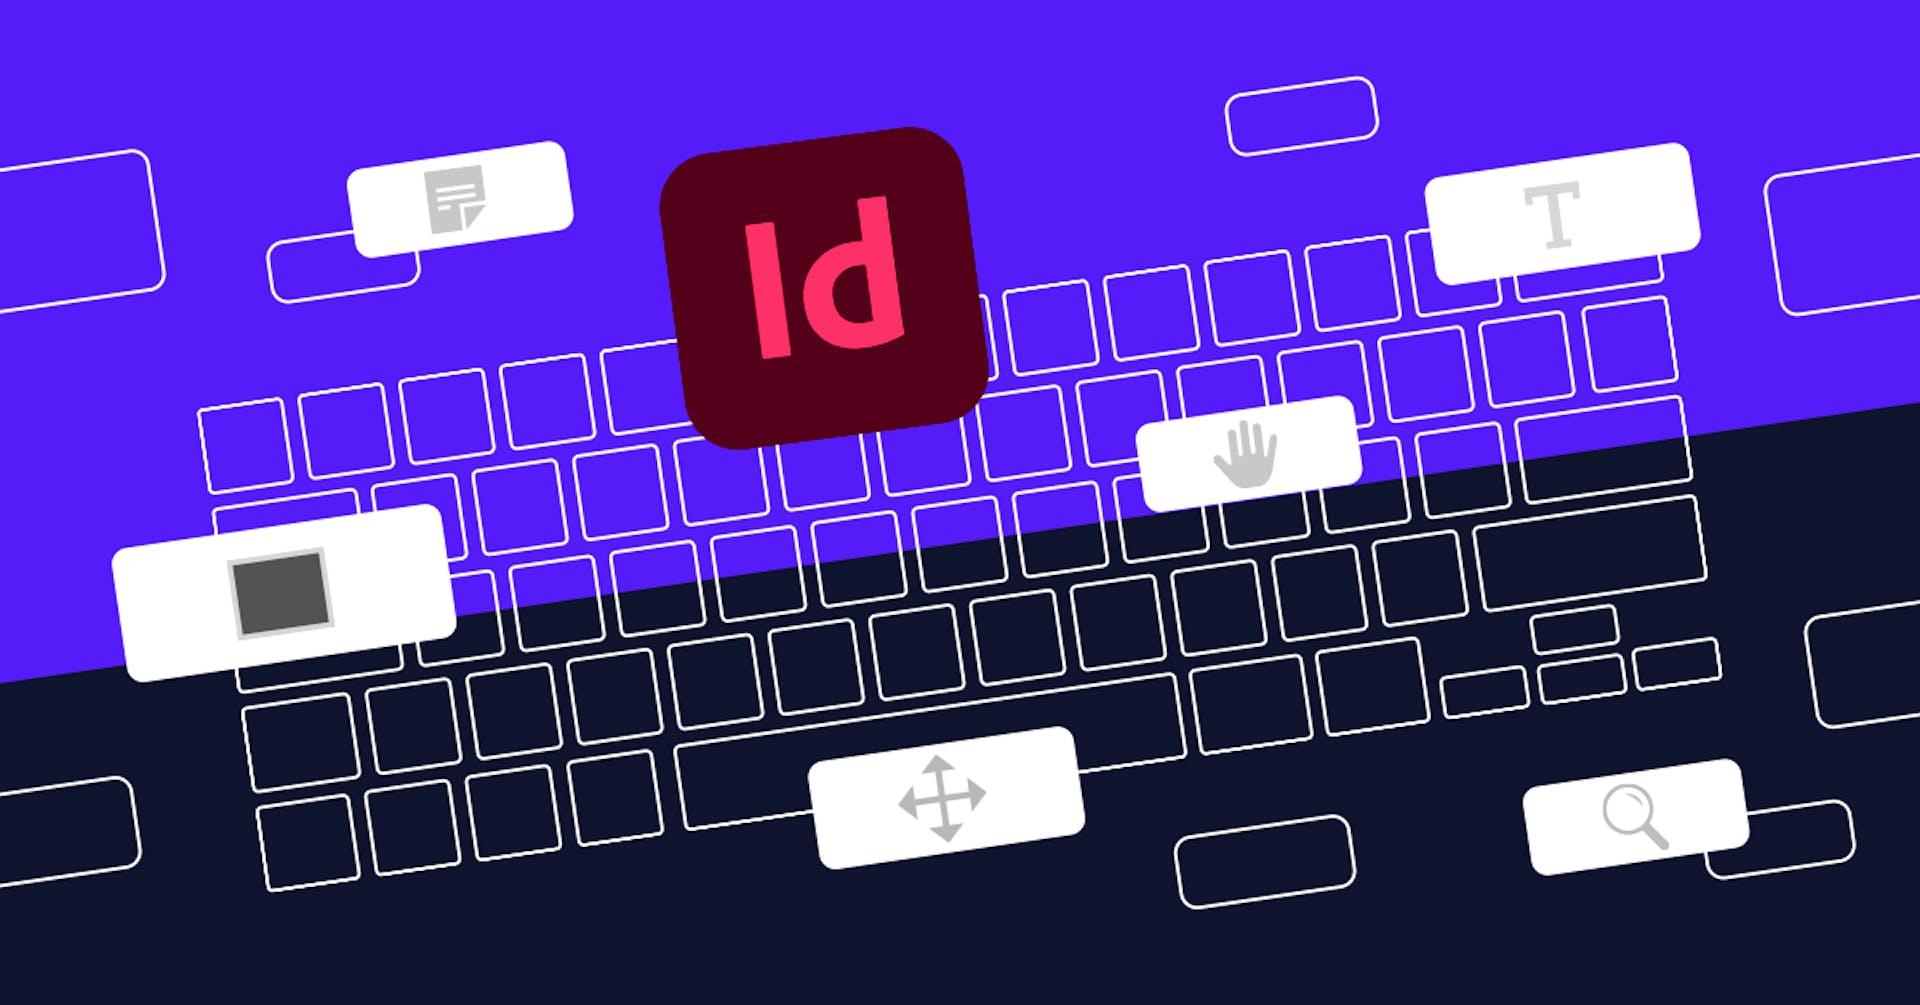 Conoce los shortcuts de InDesign que no pueden faltar en tu teclado